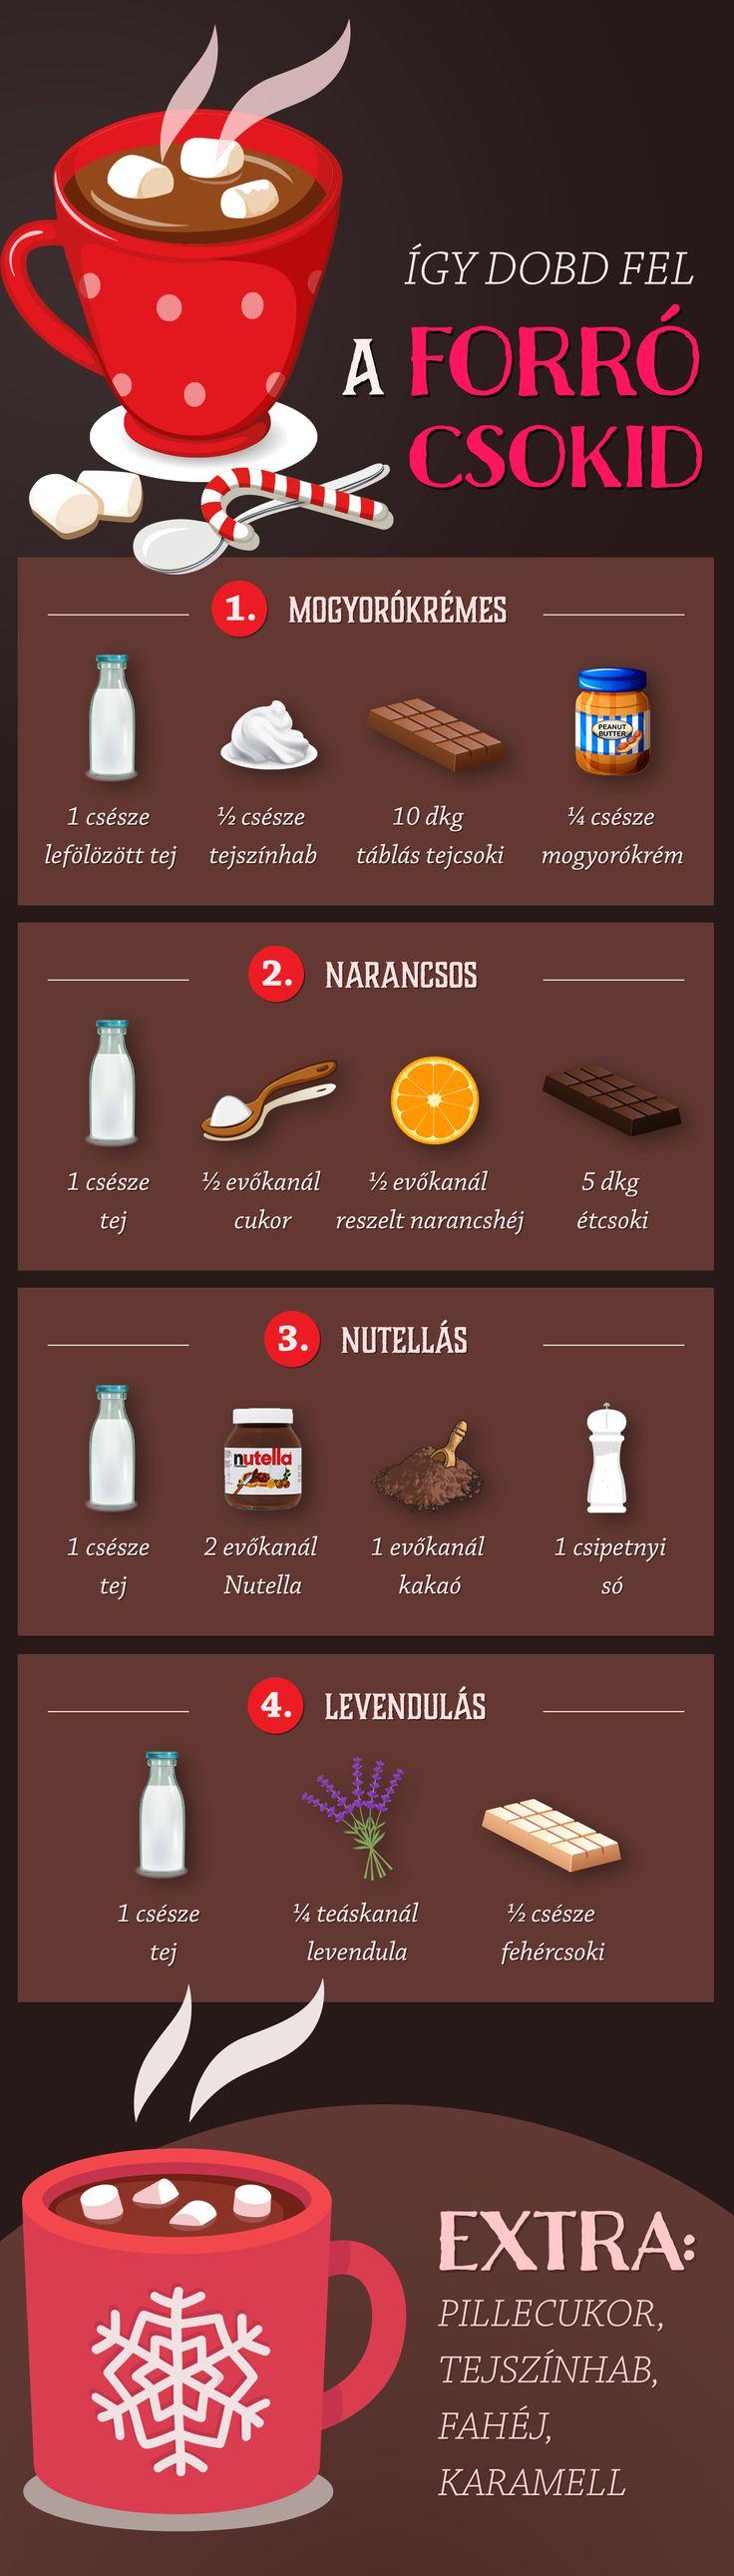 Extra forró csokik bekuckózós estékhez - készítsd el velünk! :)